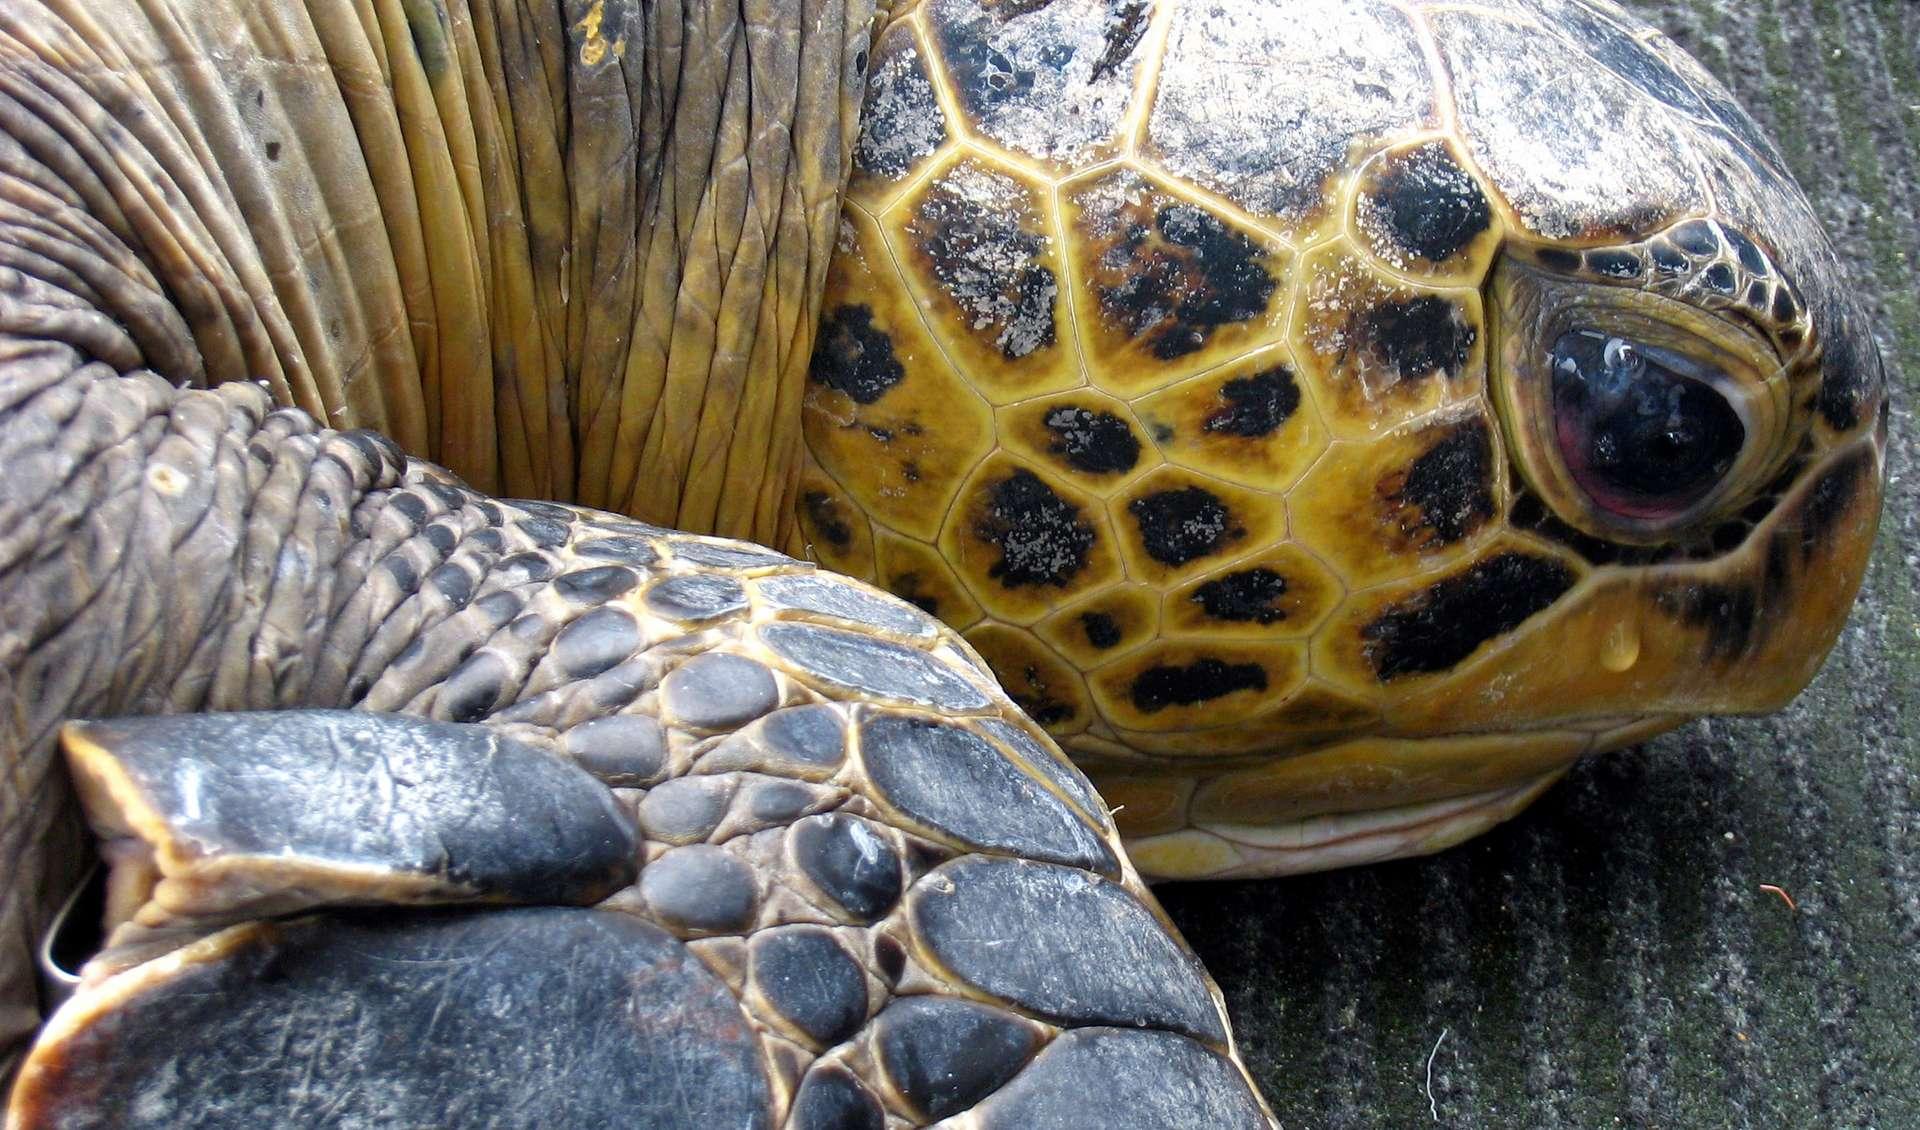 Les tortues sont menacées par la destruction de leur habitat due à la montée des eaux. © go elsewhere, Flickr